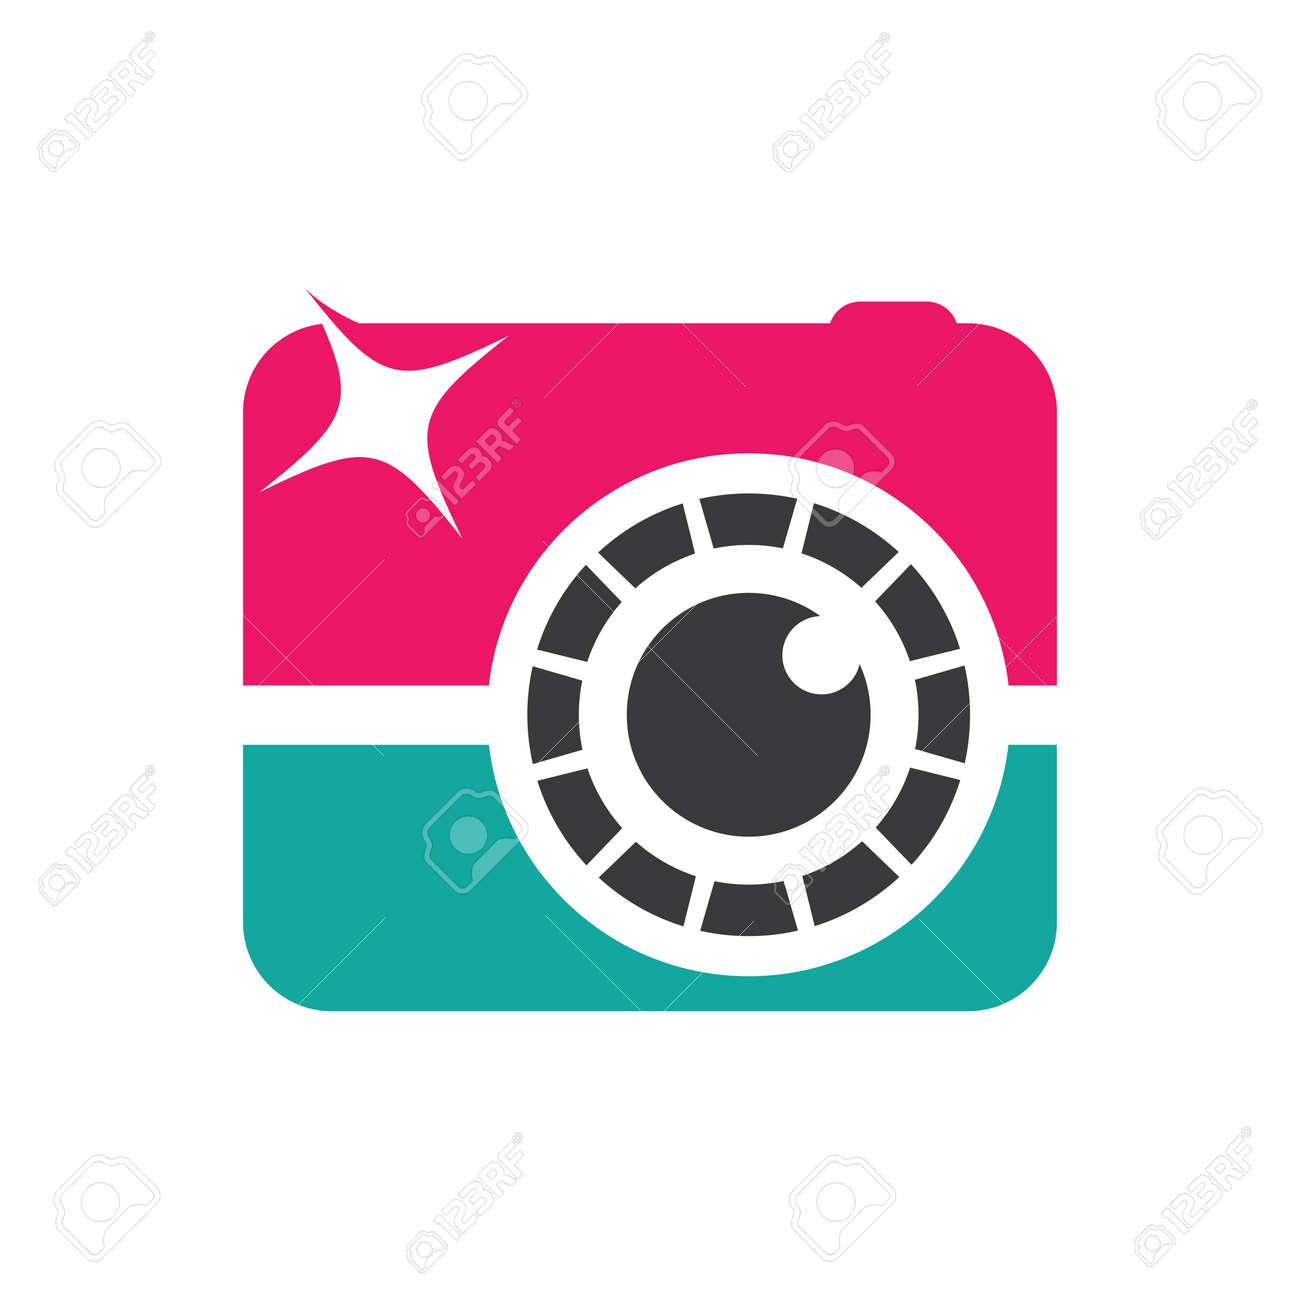 Camera logo images illustration design - 172261477